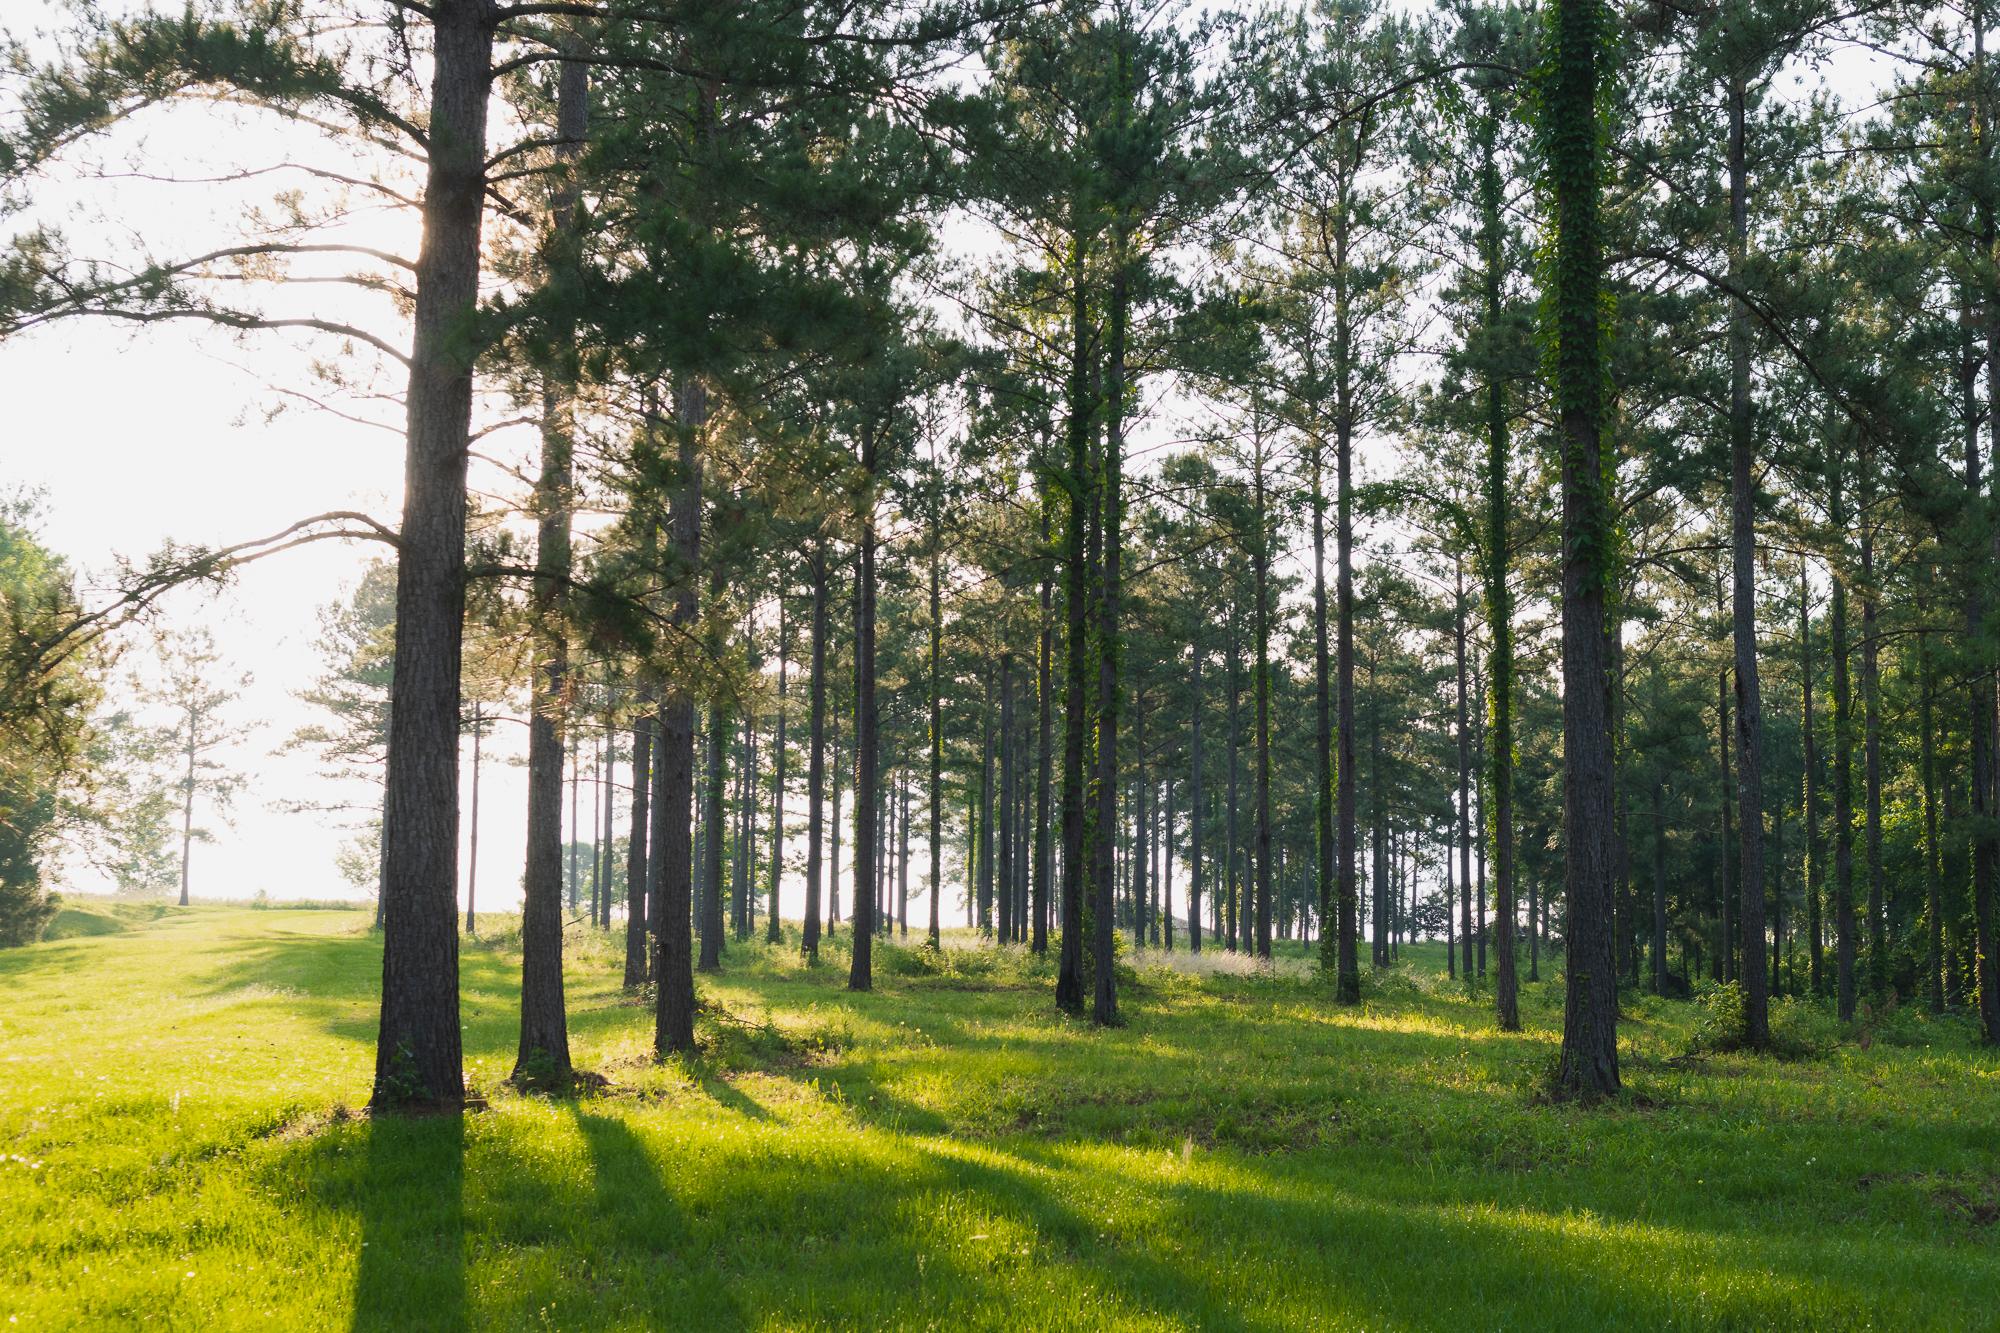 Open Pine Trees